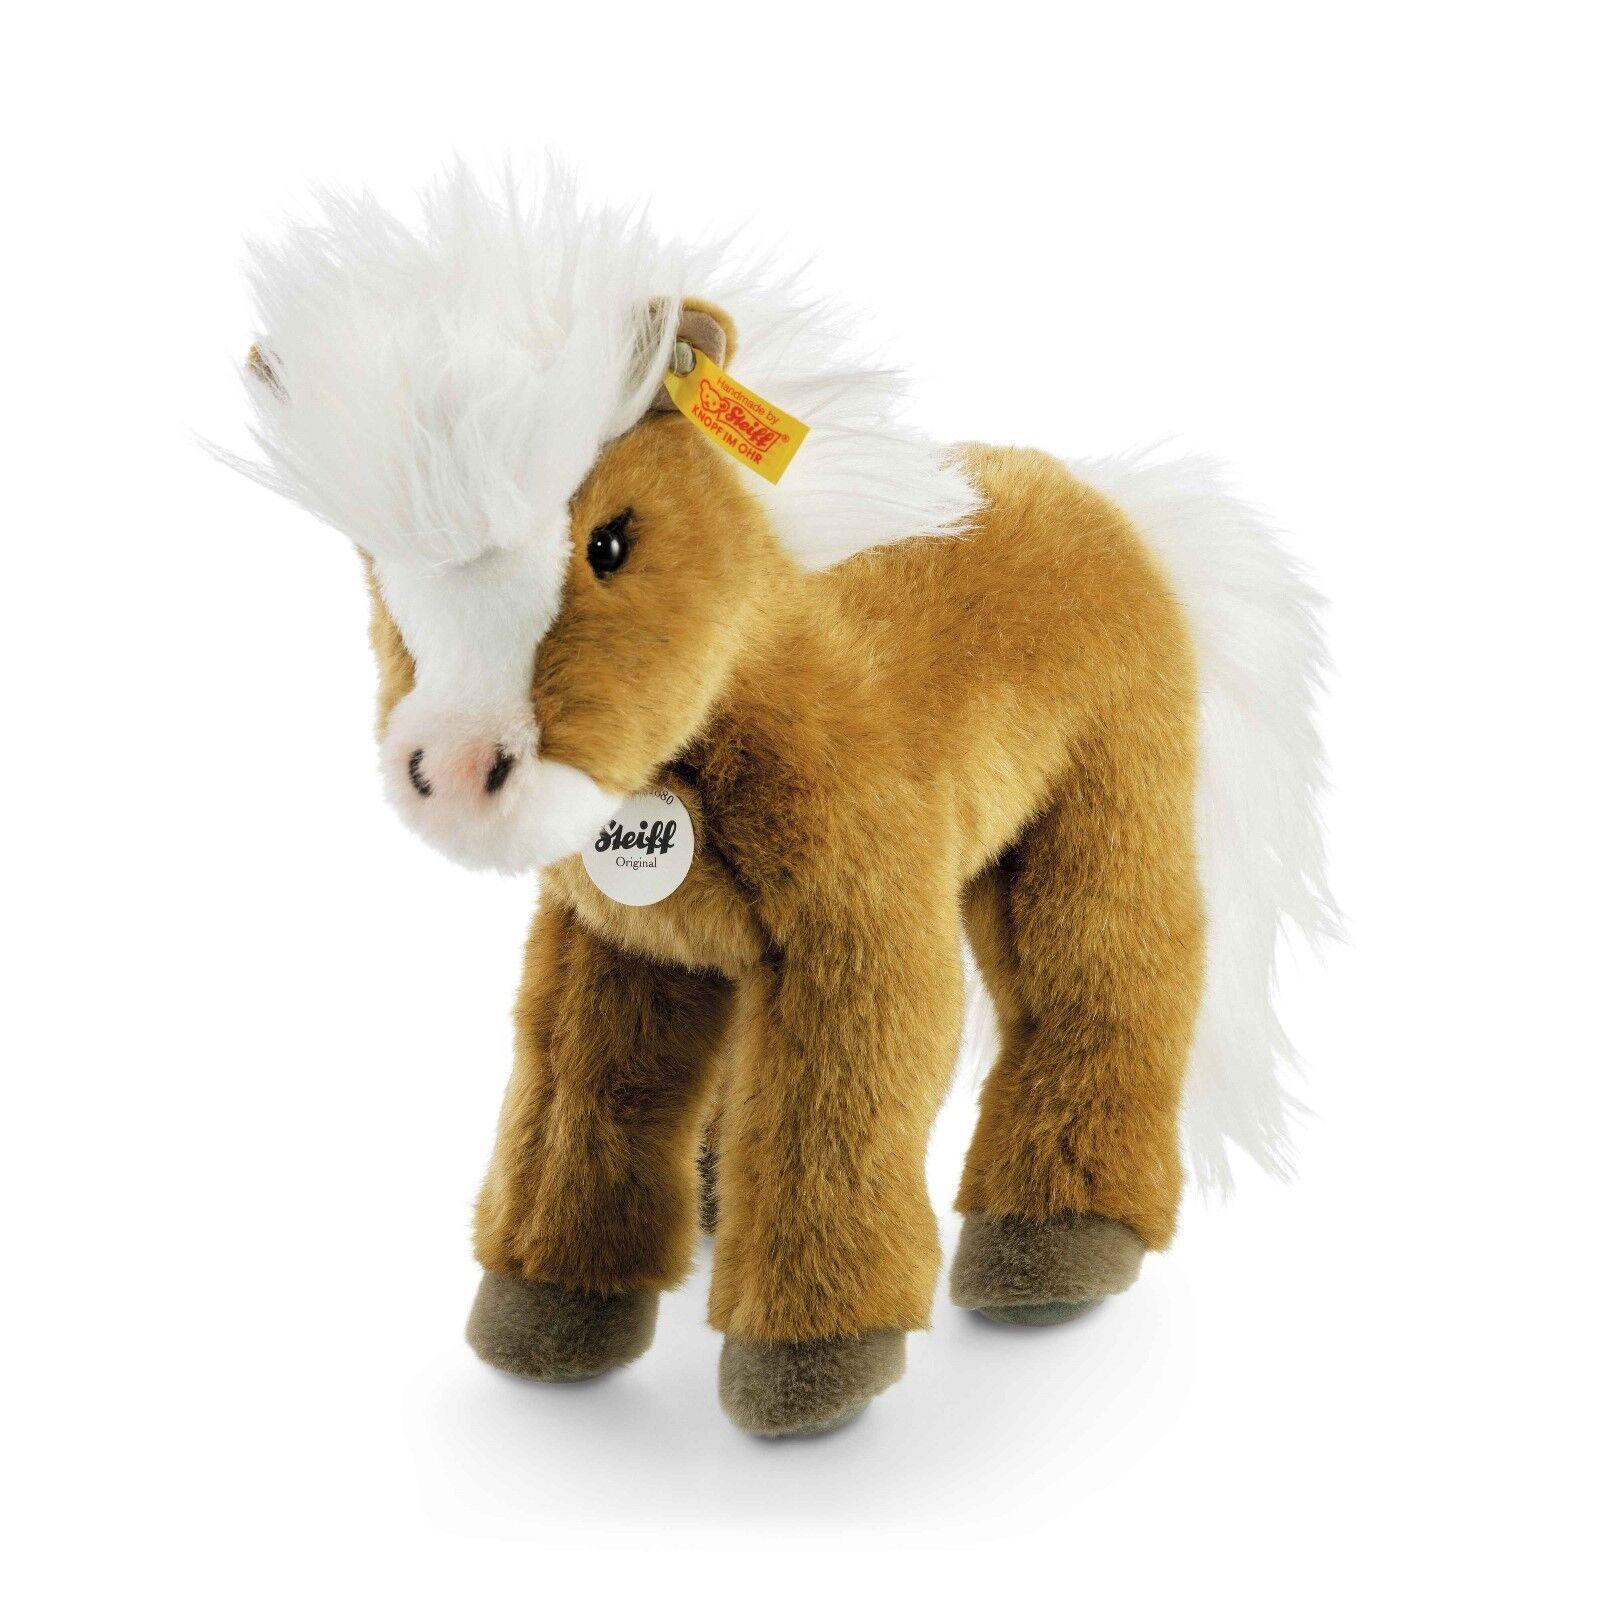 STEIFF Pony Fanny braun stehend 30 cm 070655 NEU